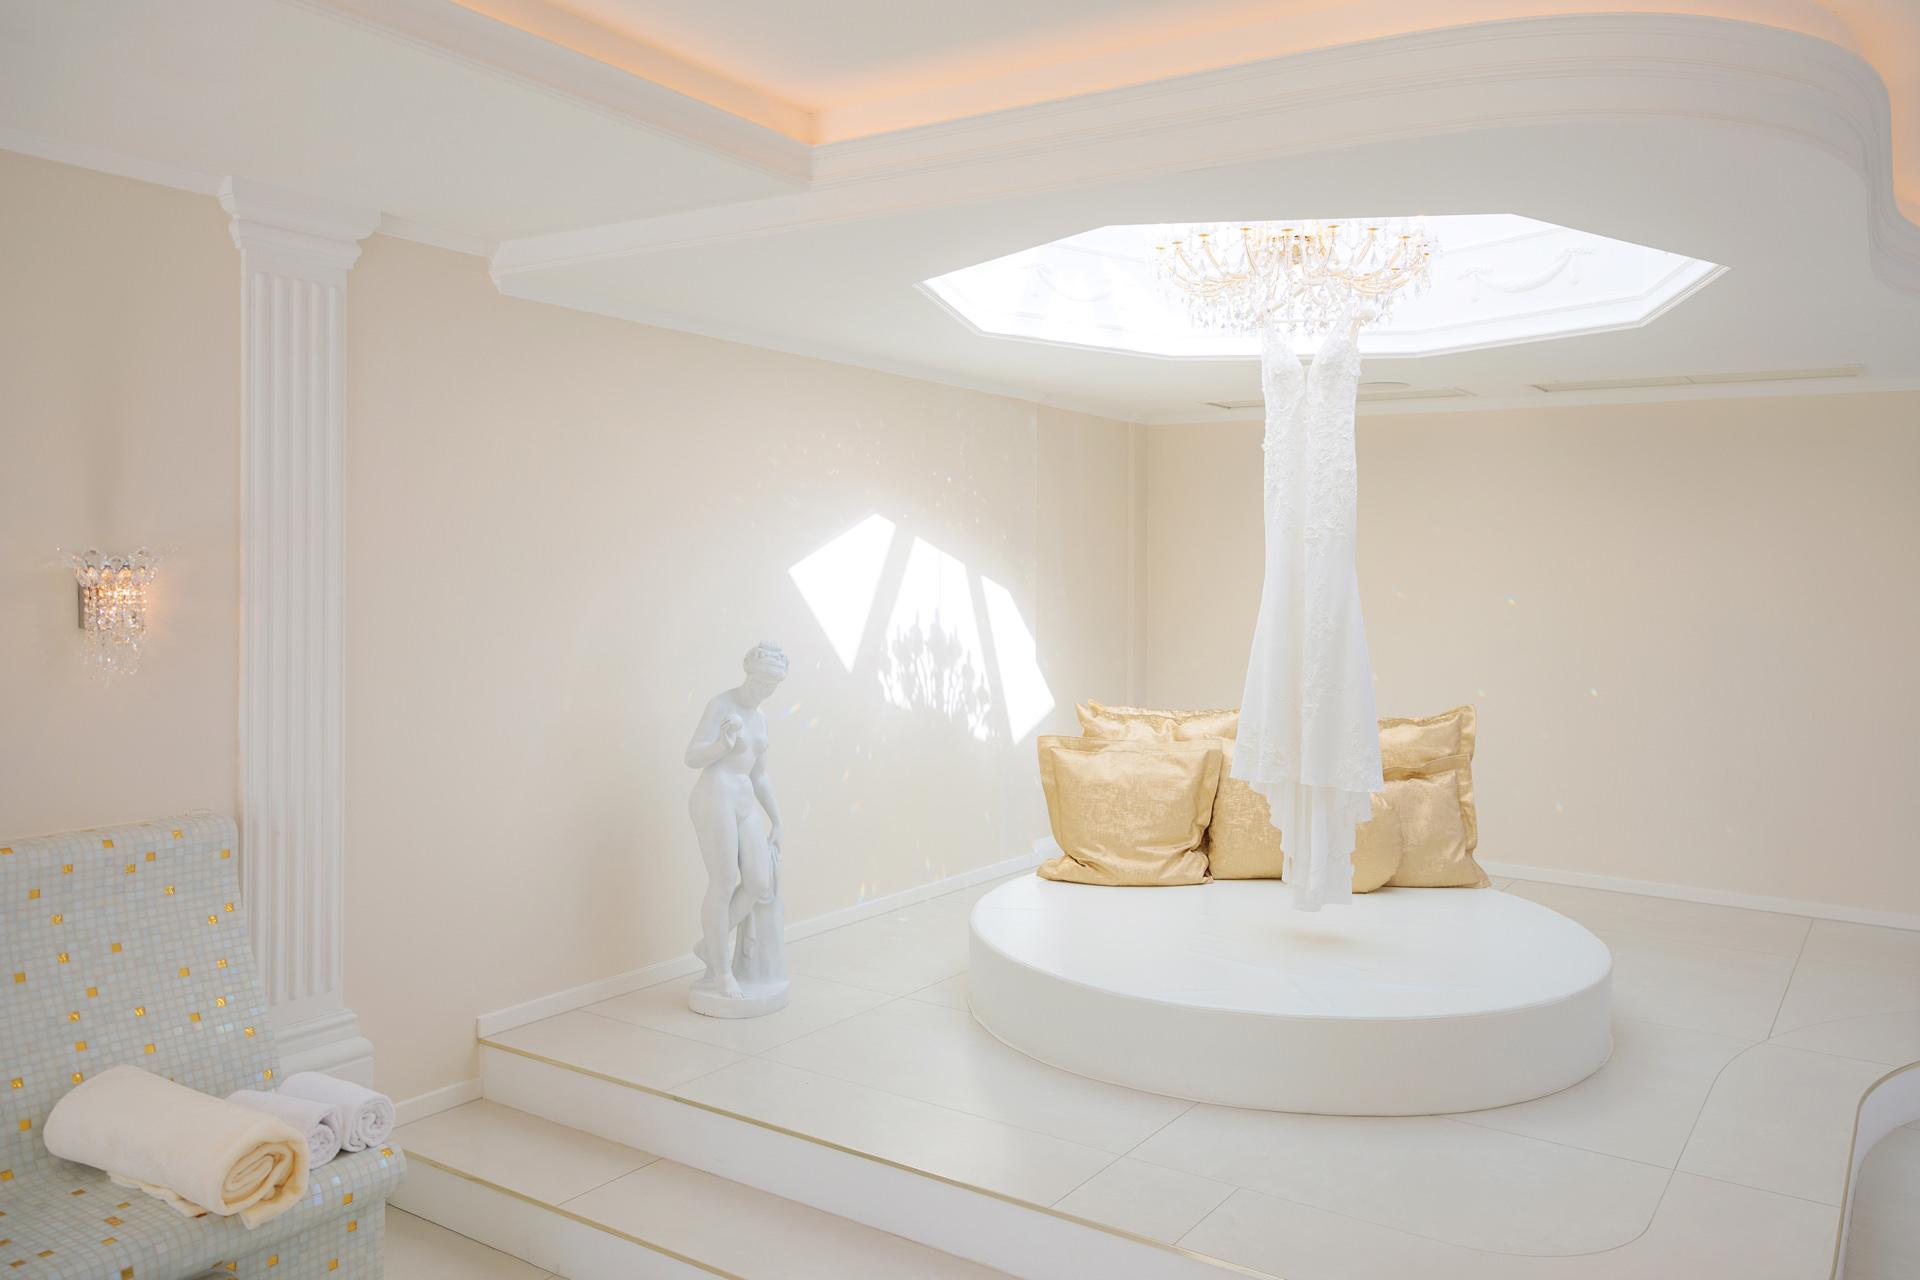 Brautkleid hängt im Spa-Bereich der Villa Contessa in Bad Saarow